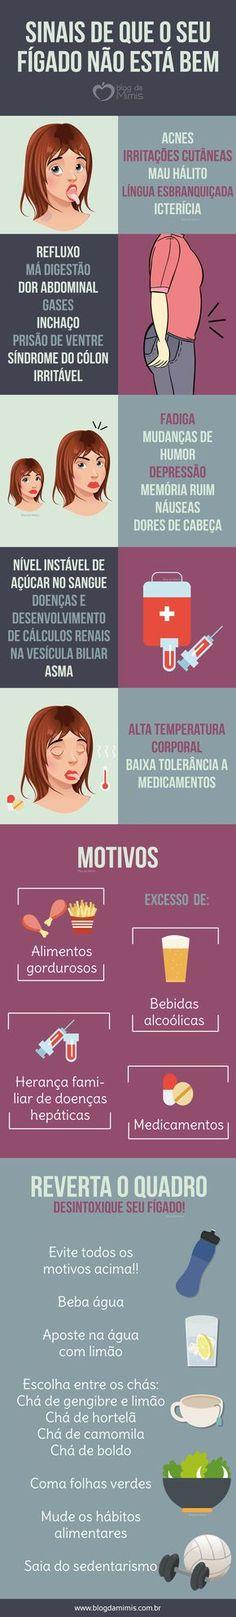 Fígado em alerta: Sinais de que o seu fígado não está bem - Blog da Mimis #blogdamimis #fígado #infográfico #saúde #detox